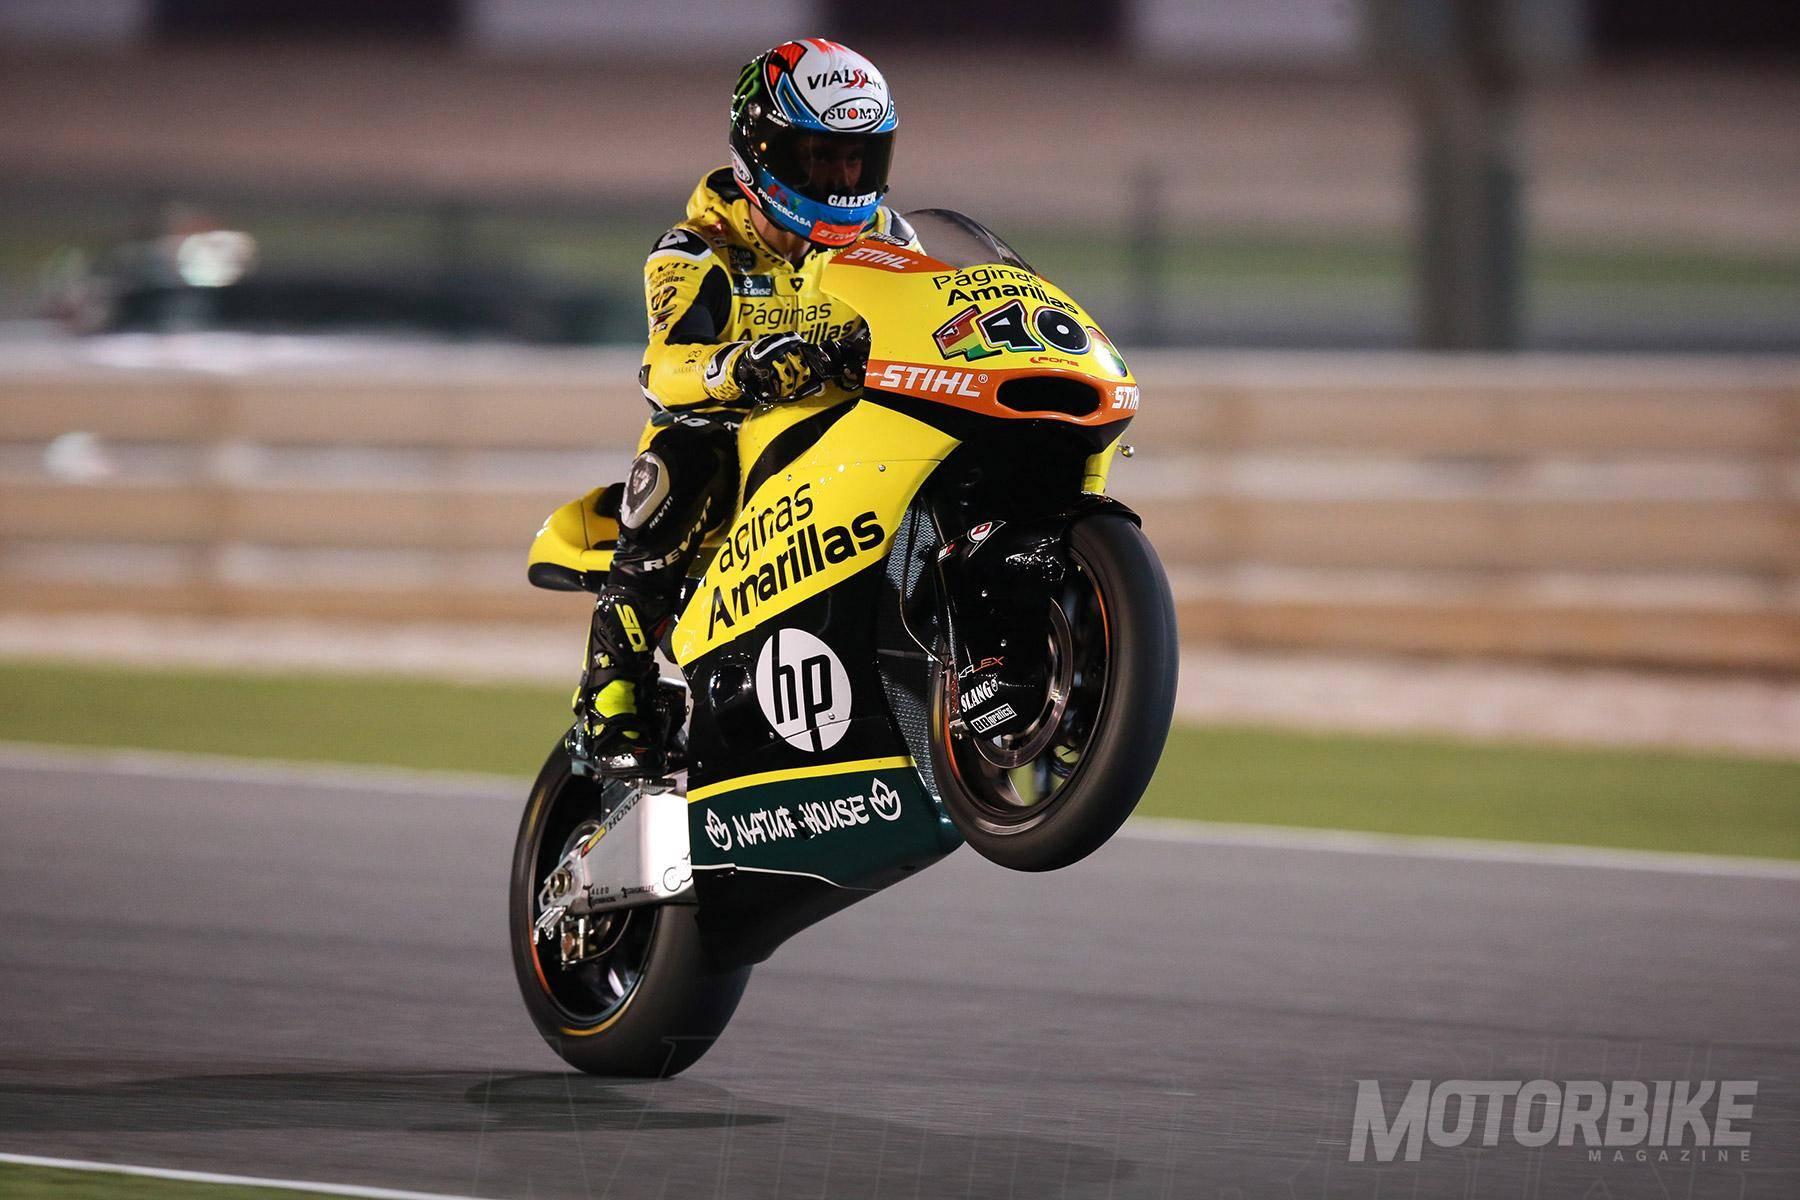 Moto2 Qatar 2015 - Motorbike Magazine